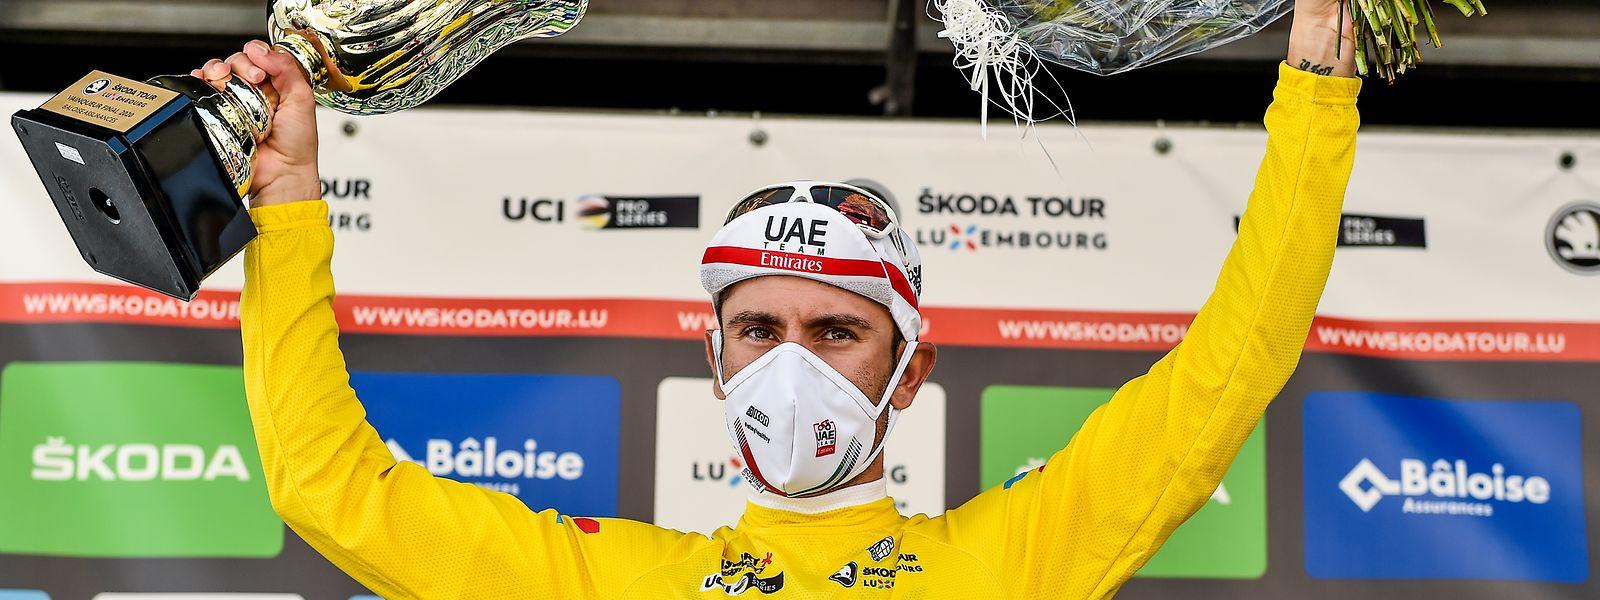 Diego Ulissi sichert sich den Gesamtsieg bei der Skoda Tour 2020.